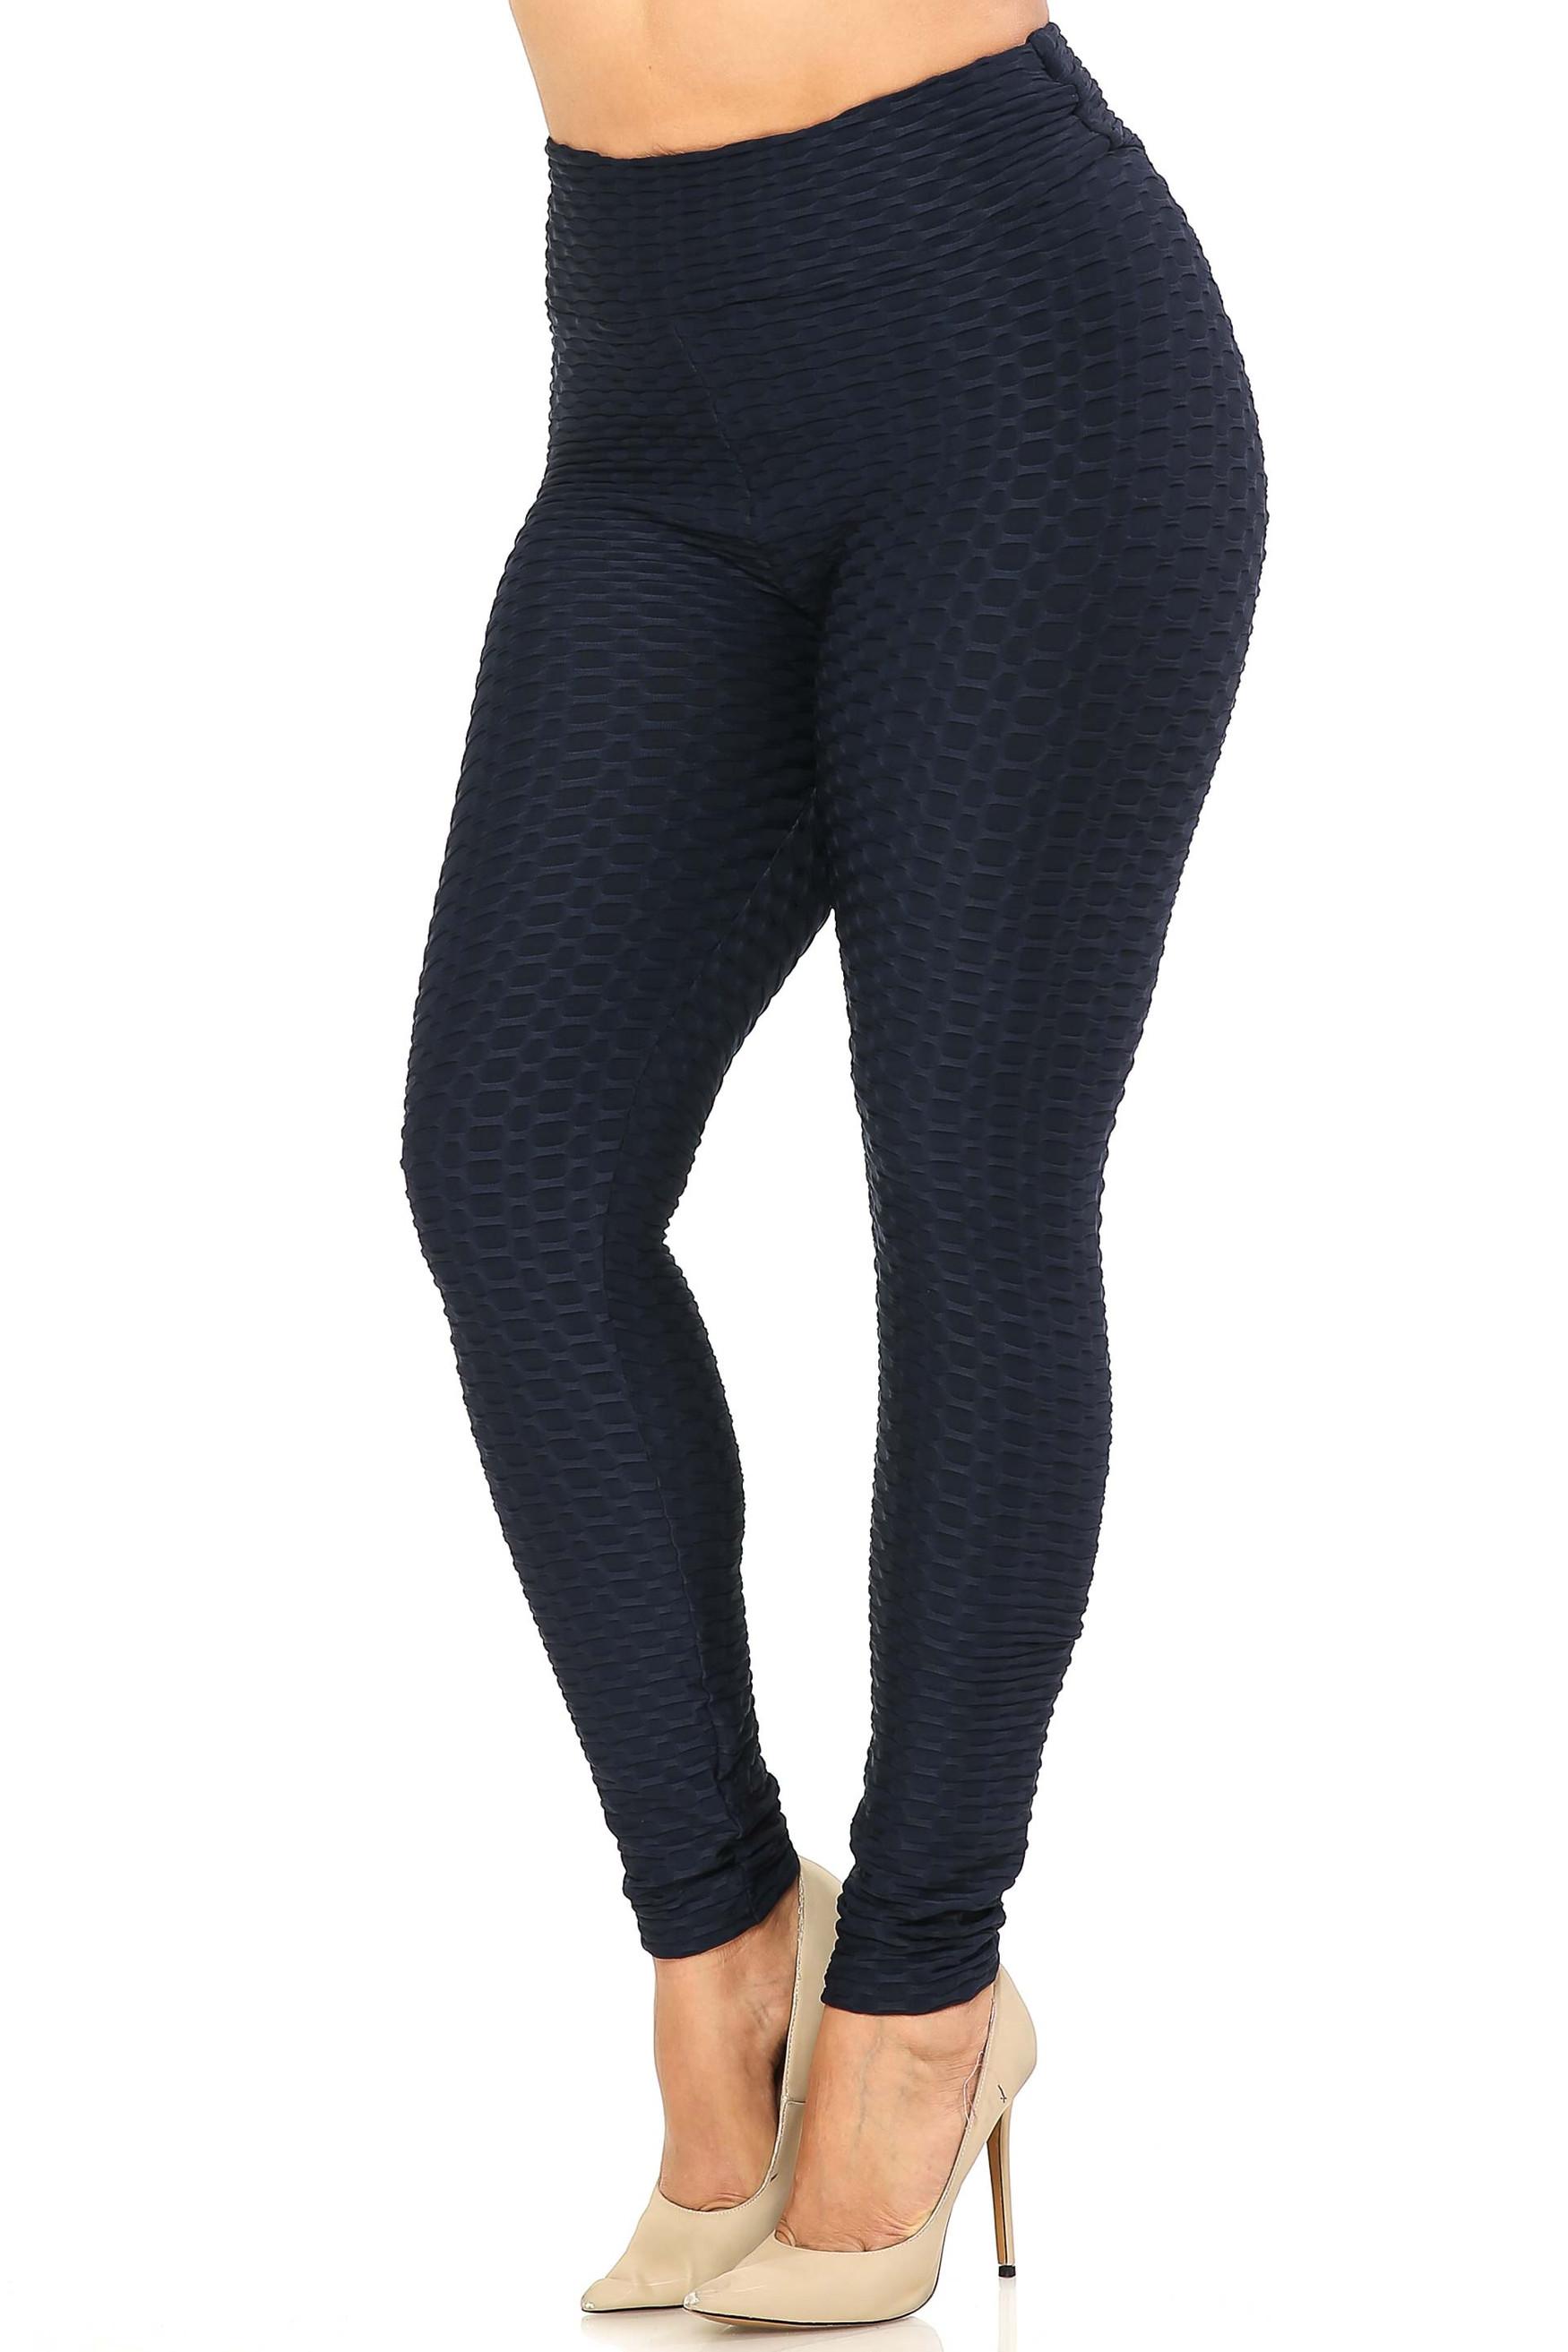 Scrunch Butt Textured High Waisted Plus Size Leggings